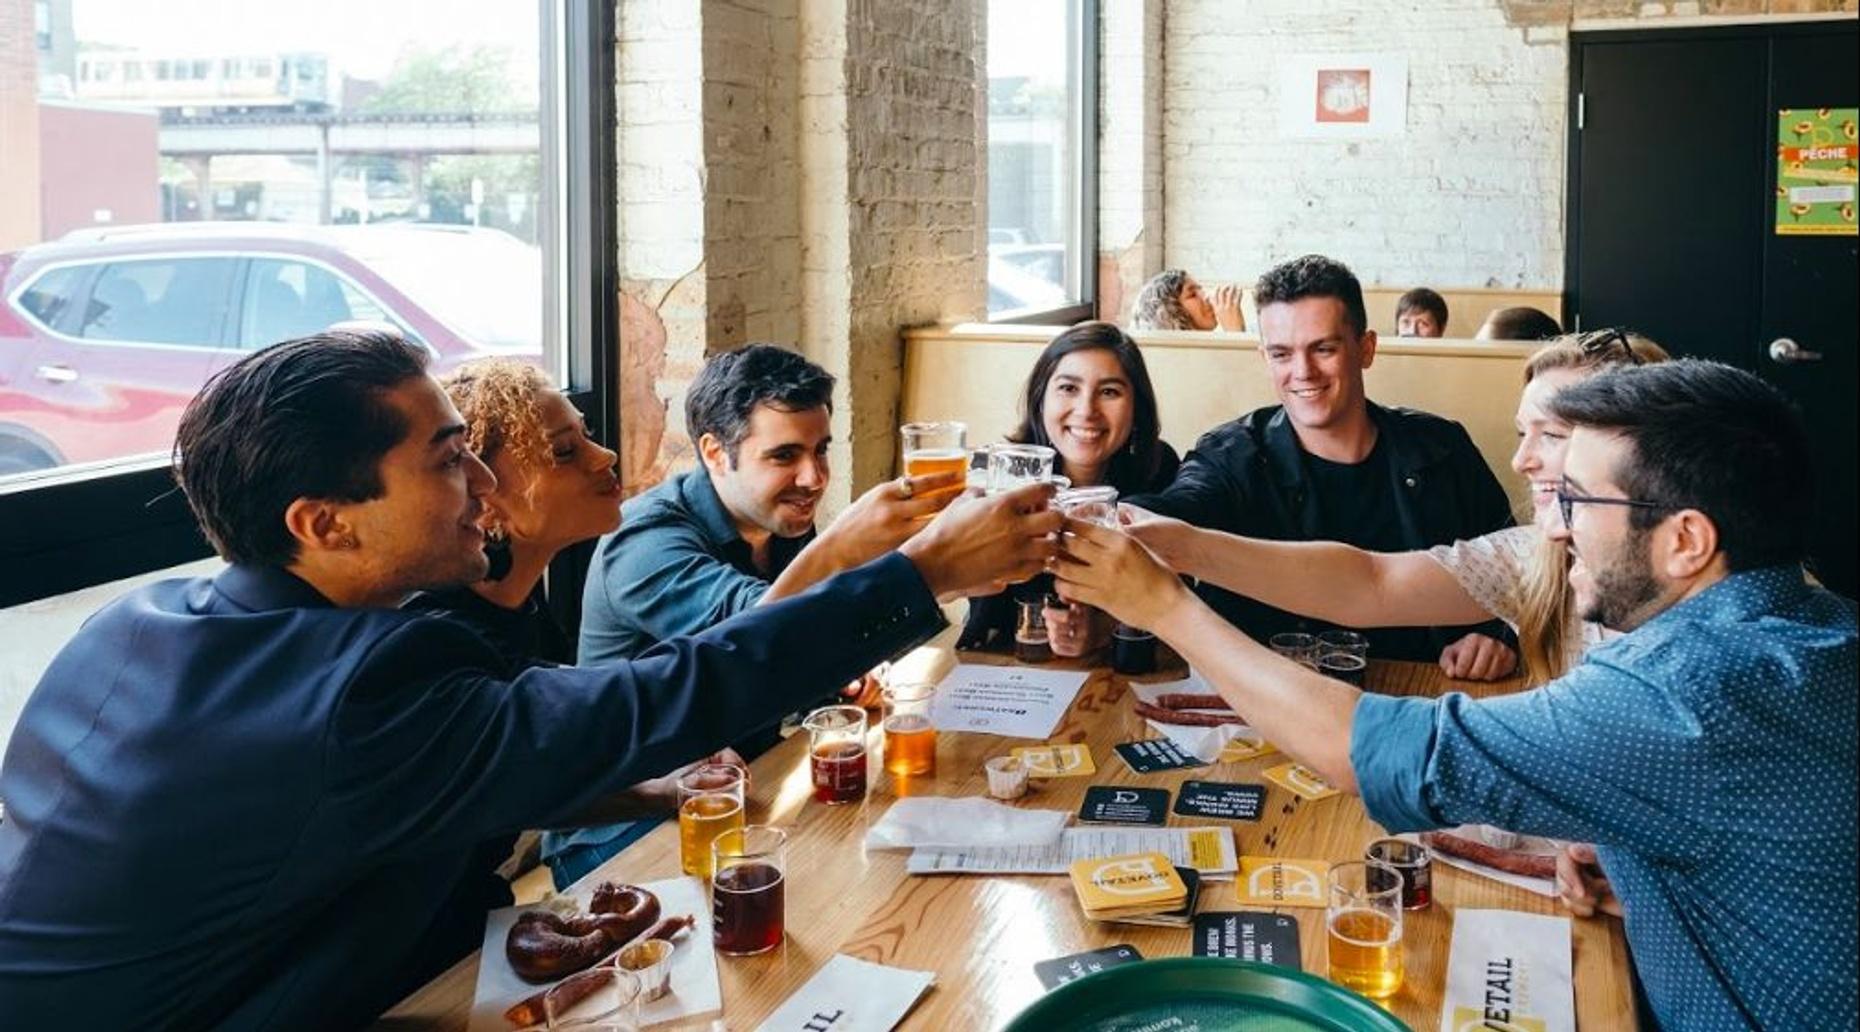 Secret Beer Tour of Chicago